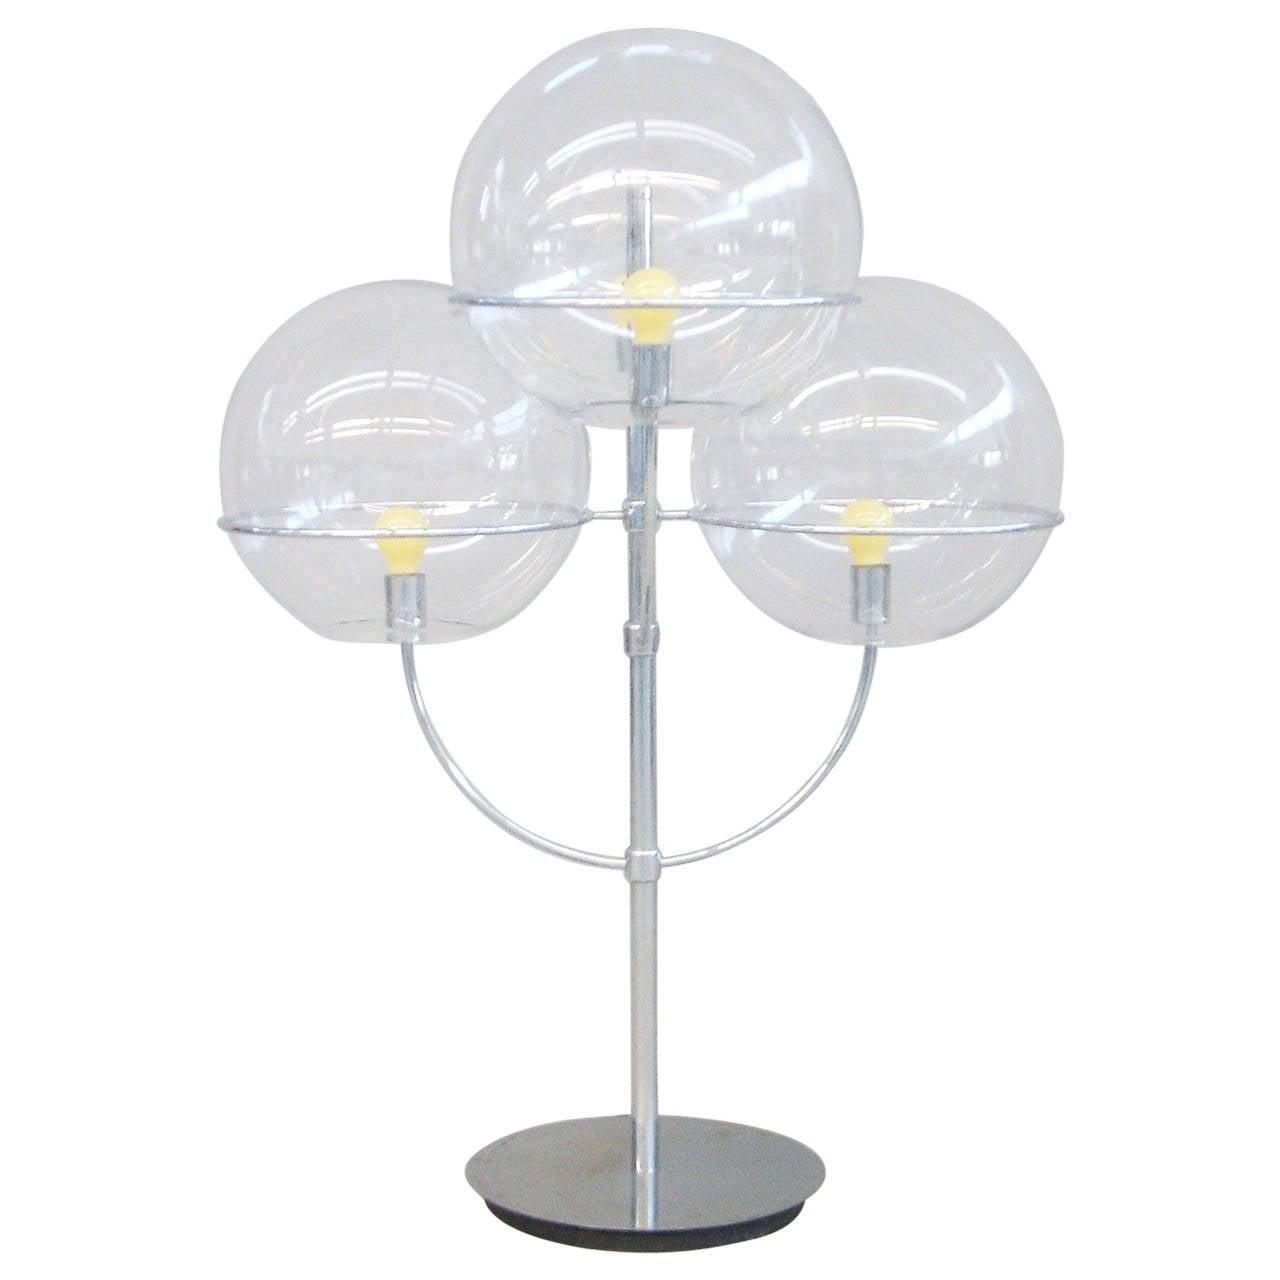 Lyndon De Sol Floor Lamp by Vico Magistretti For Sale